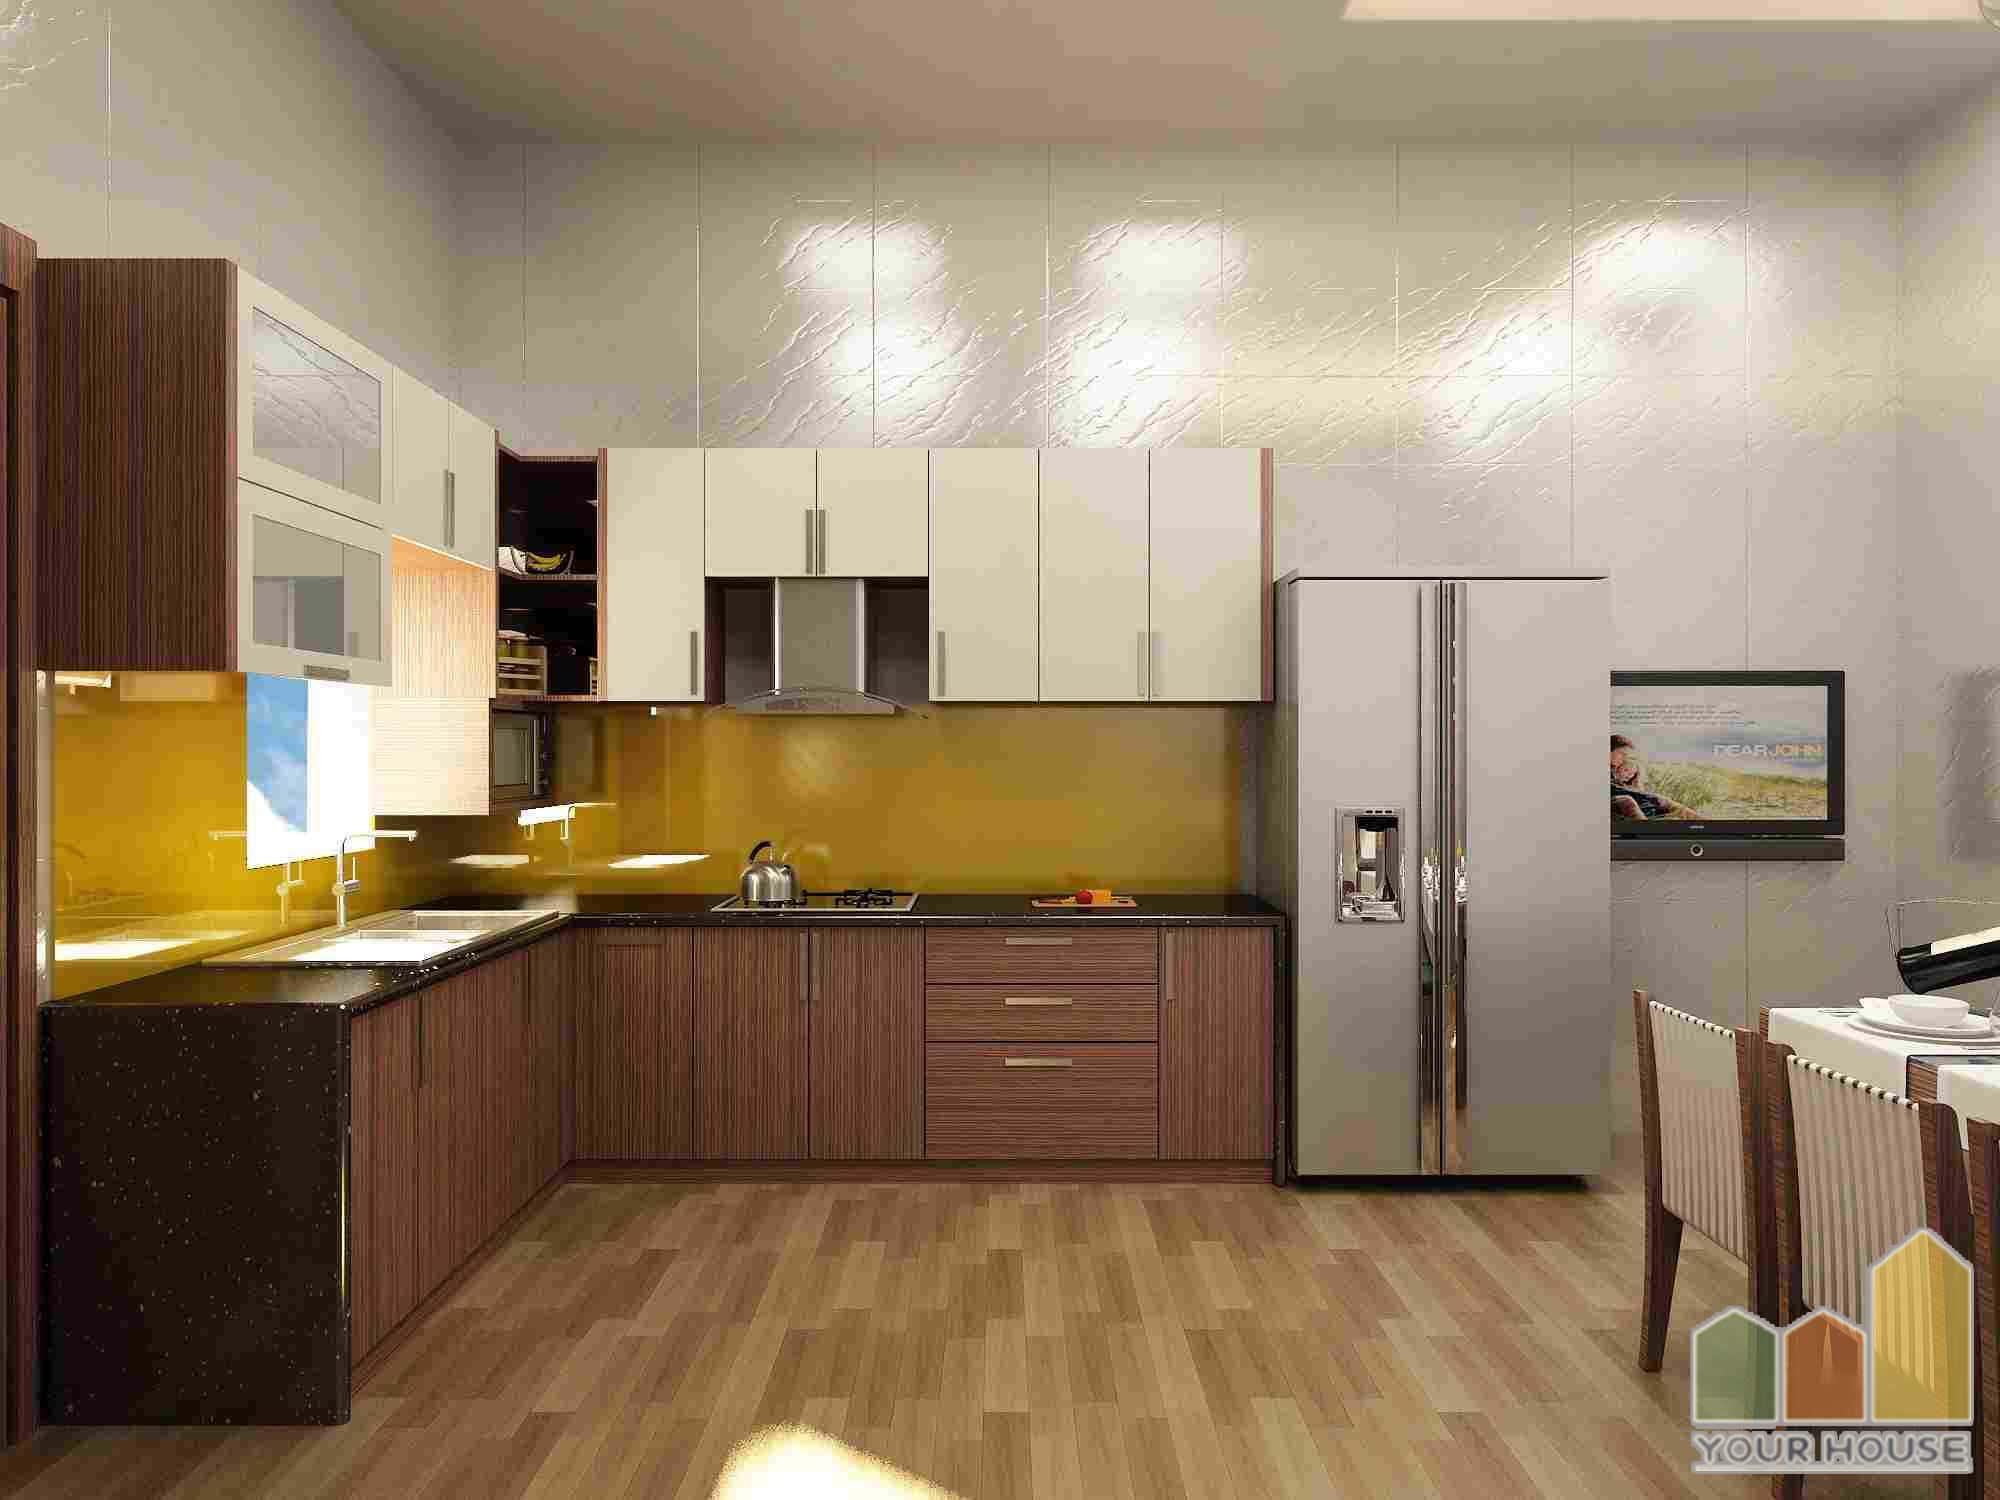 thiet ke noi that phong bep nha ong 5 - 10 mẫu nội thất phòng bếp nhà ống phổ biến nhất